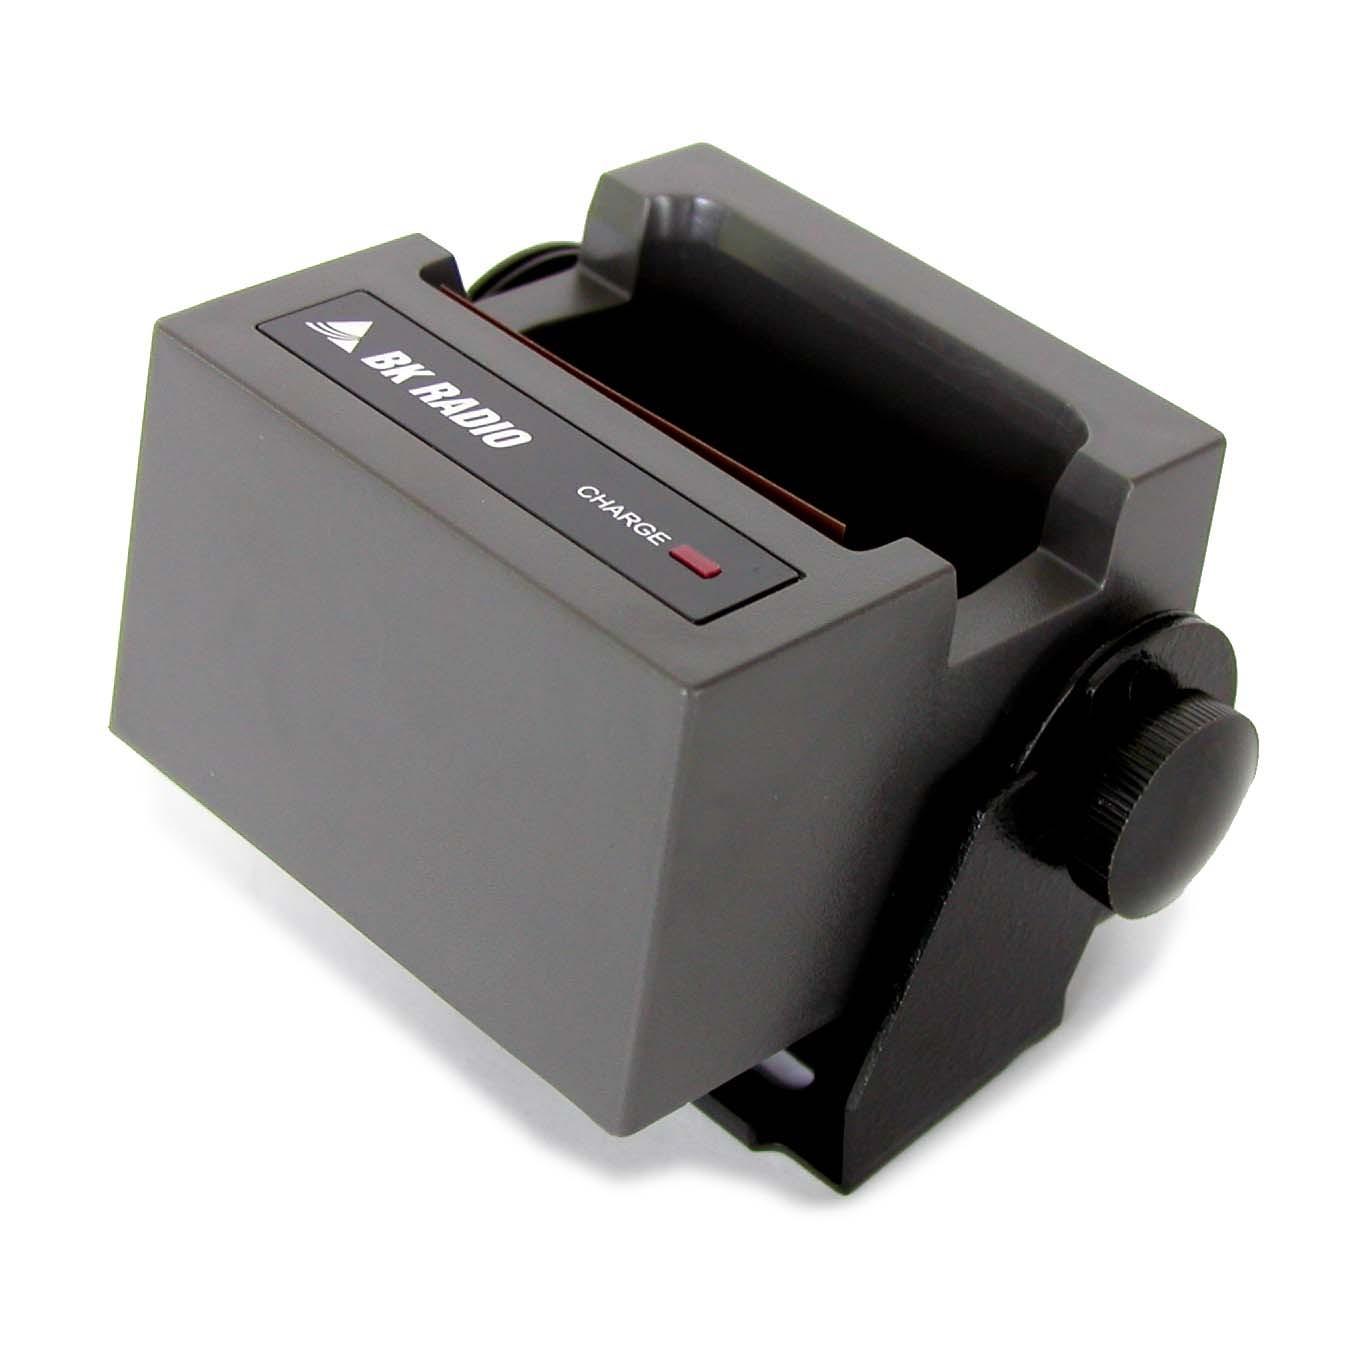 Bendix King Radio LAA0340 Vehicular Battery Charger